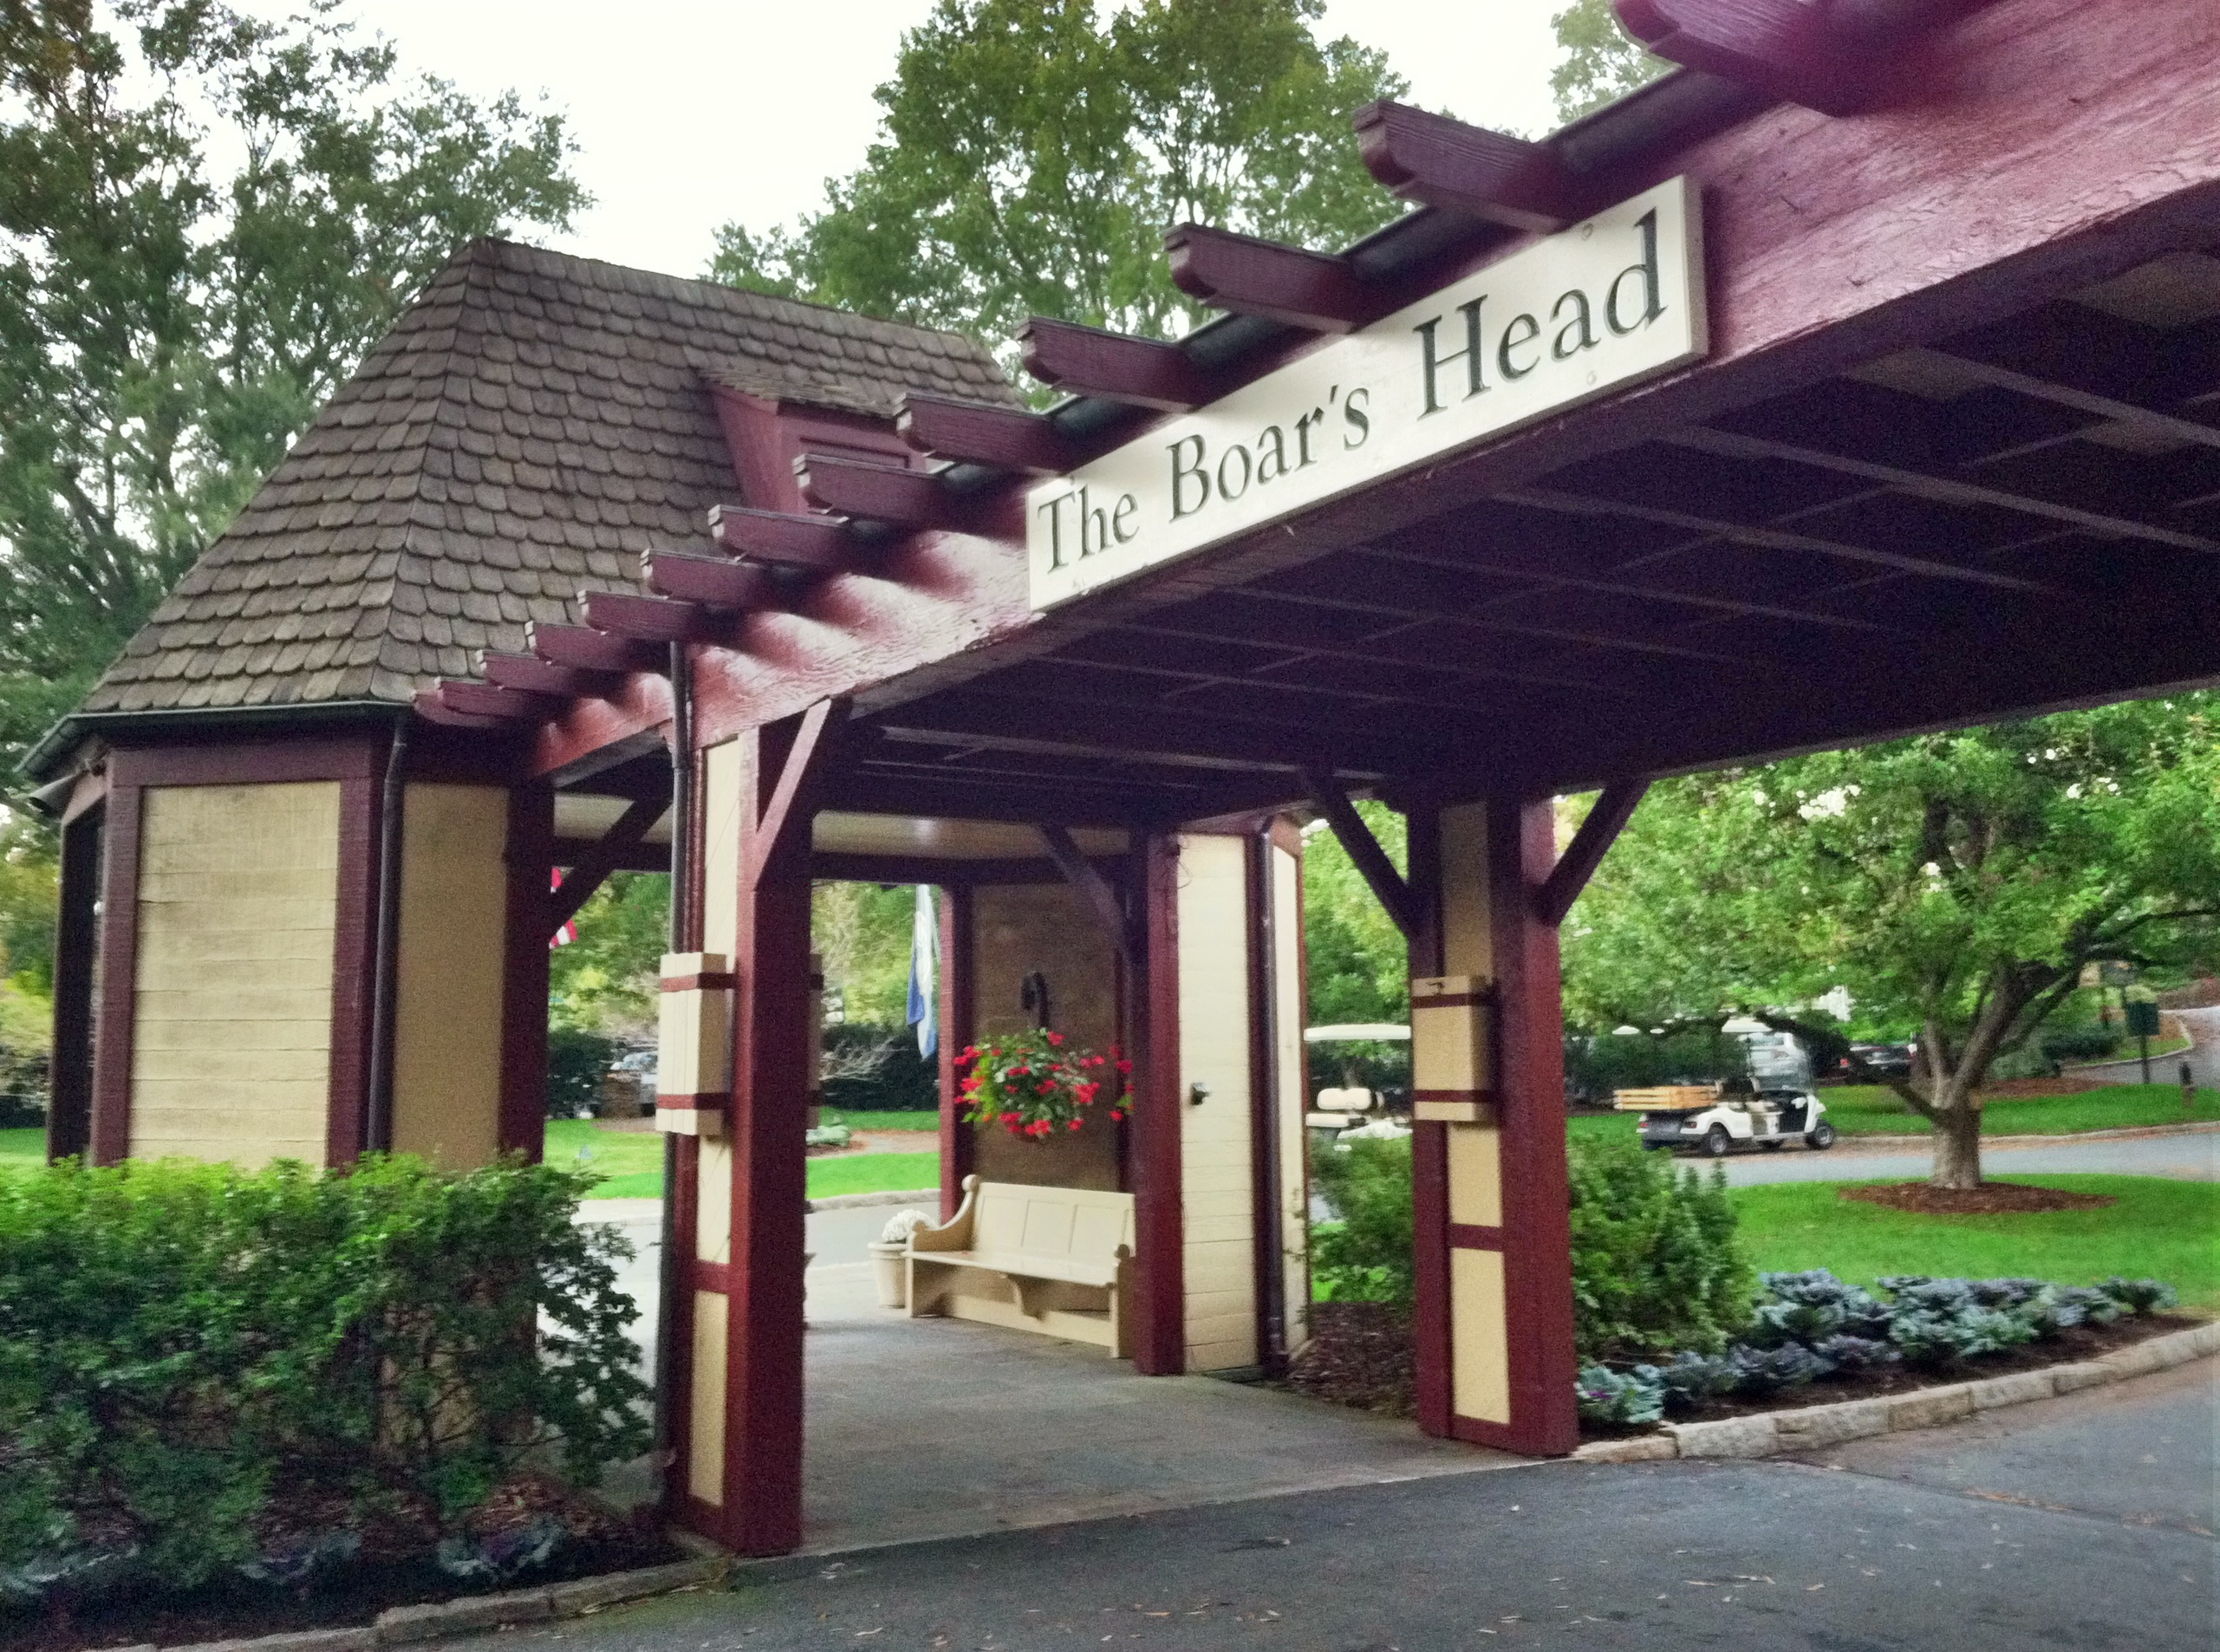 Boar's head entrance